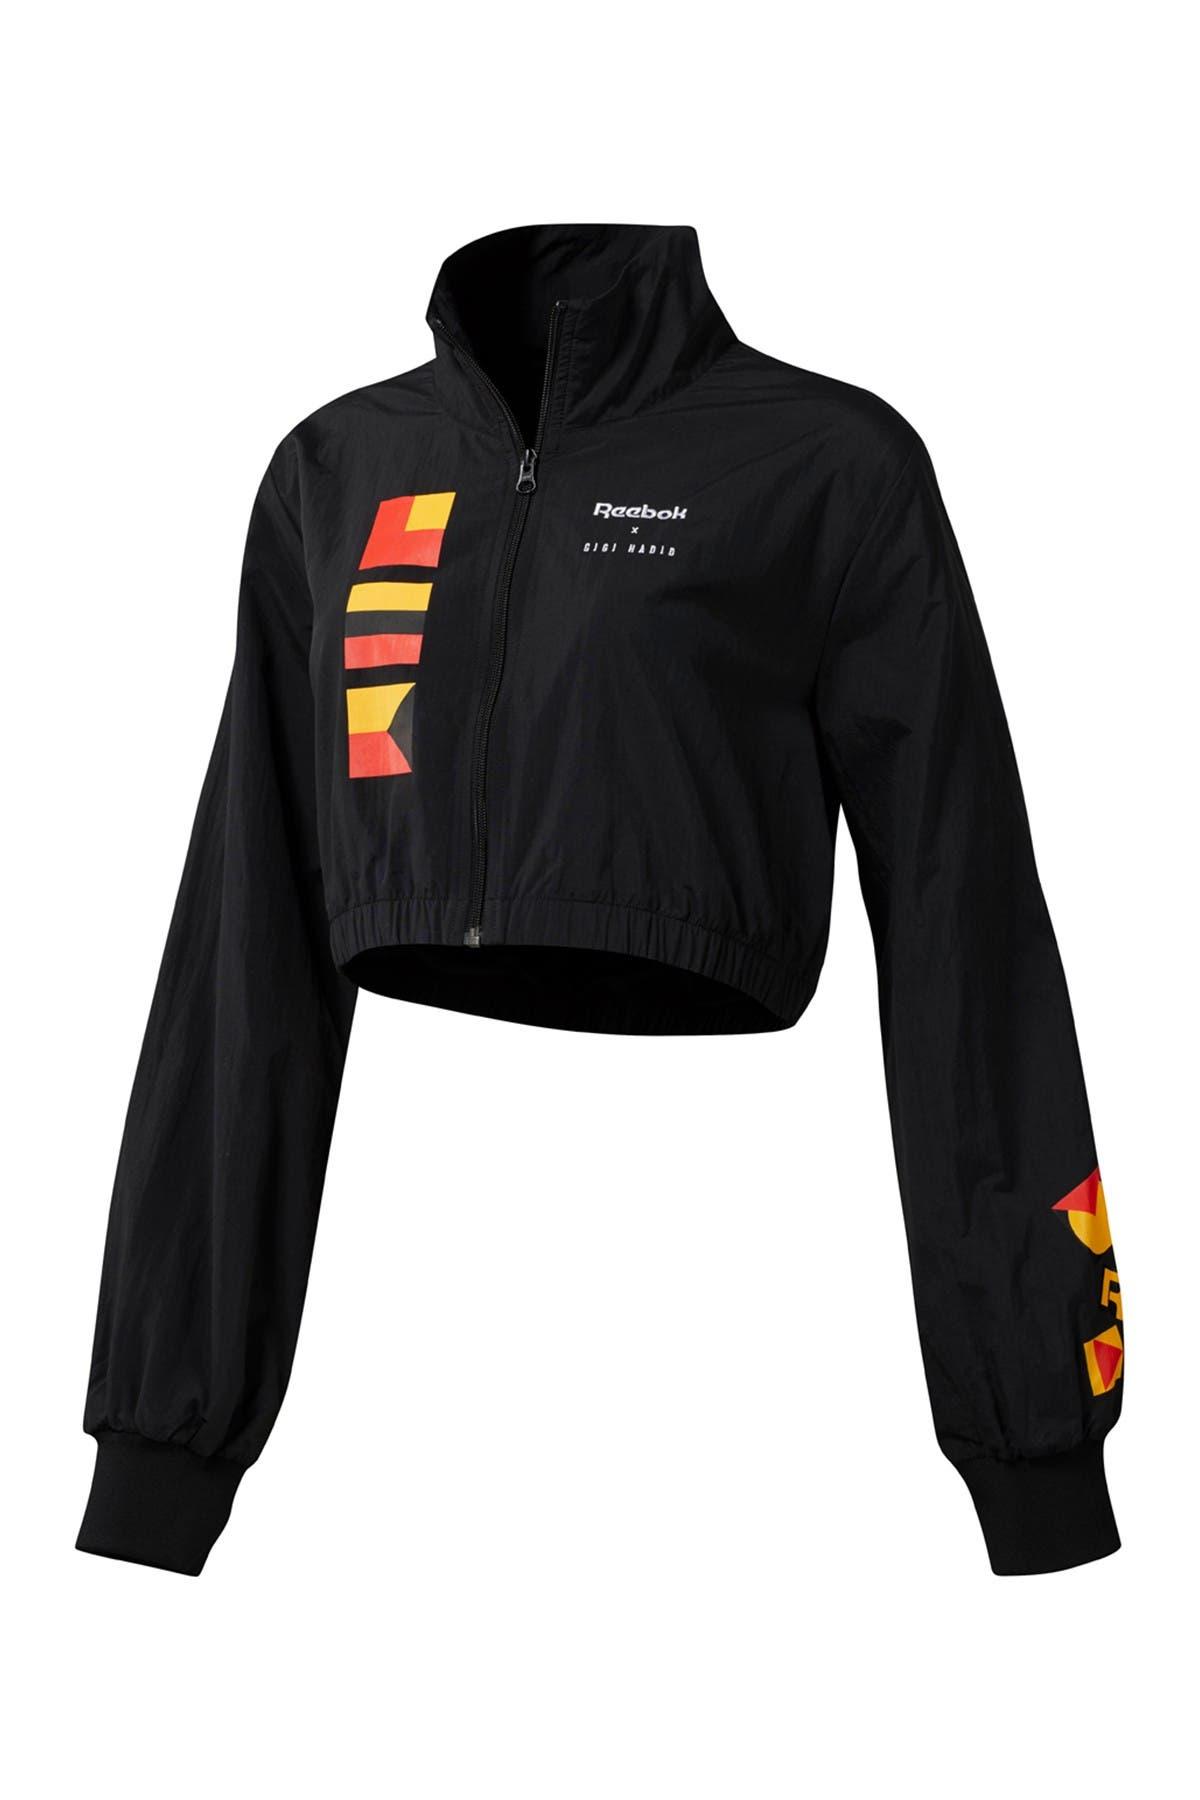 Image of Reebok x Gigi Hadid Cropped Track Jacket